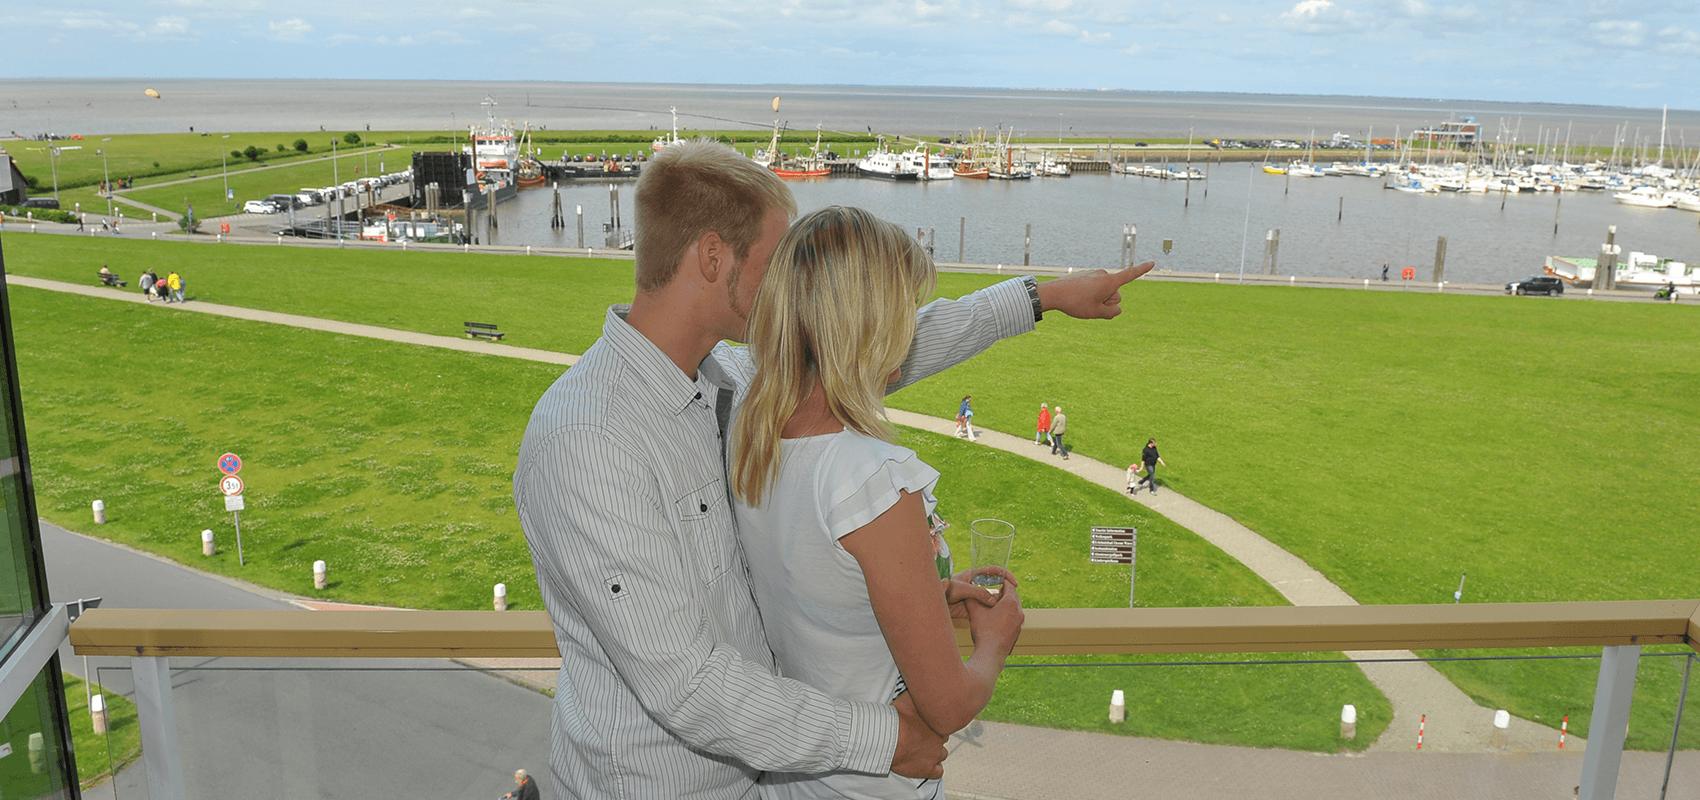 Pärchen auf dem Hotelzimmerbalkon, der Mann zeigt der Frau wo Norderney liegt